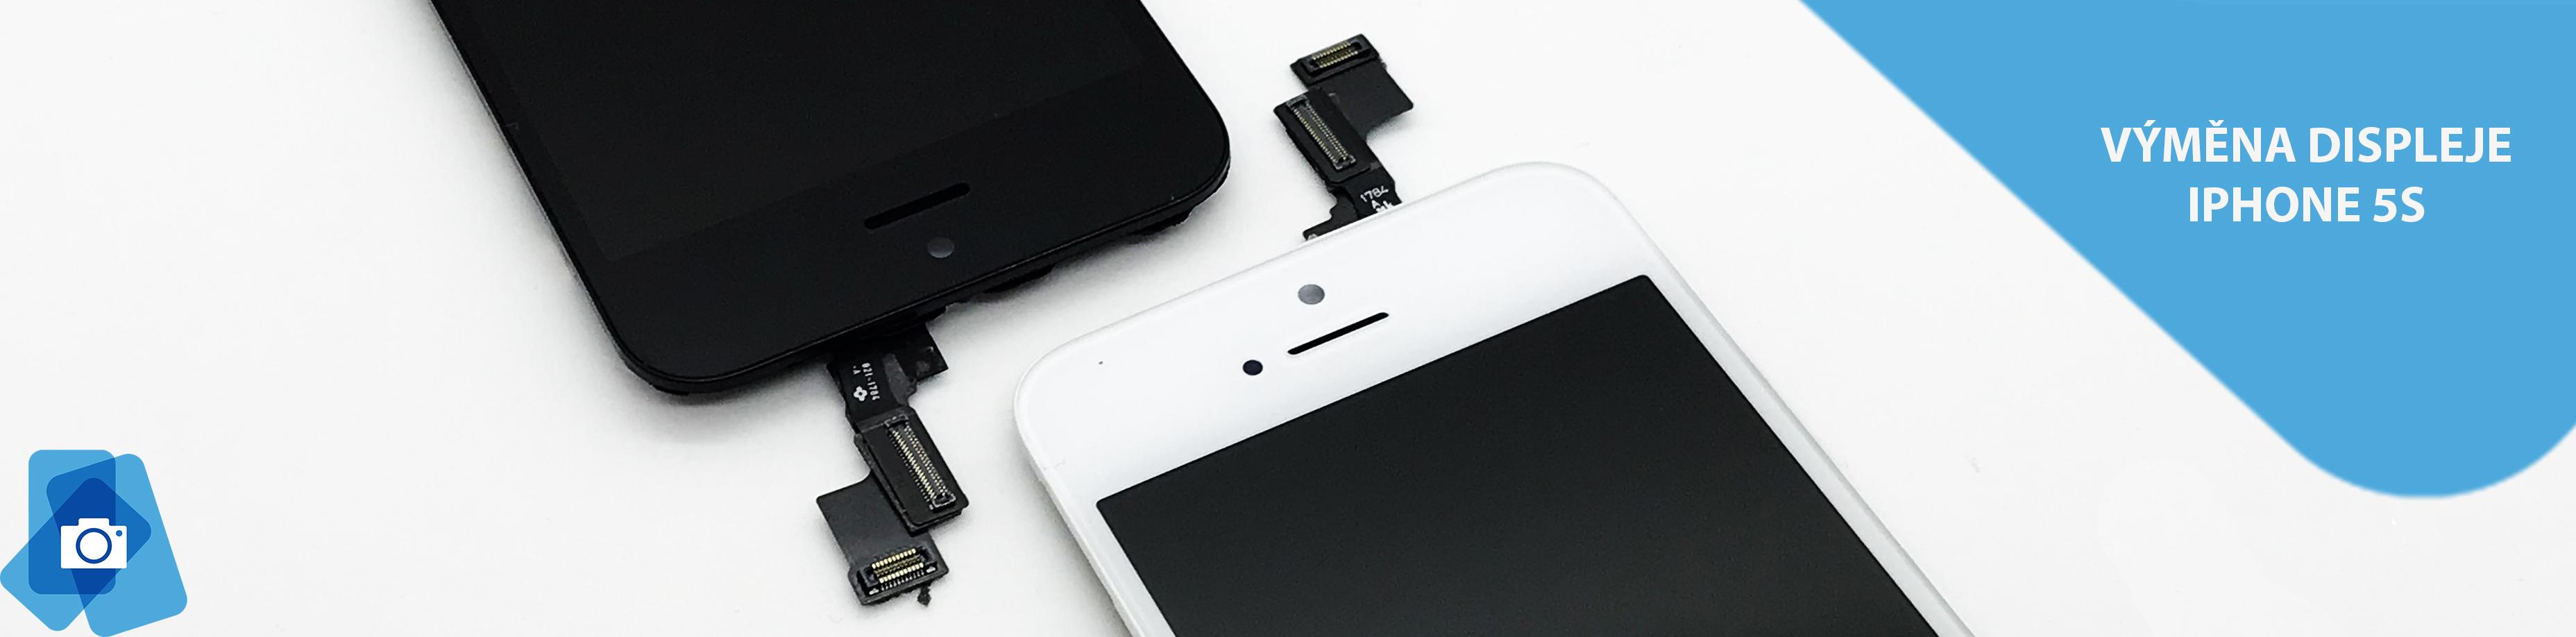 Výměna displeje iPhone 5s Praha